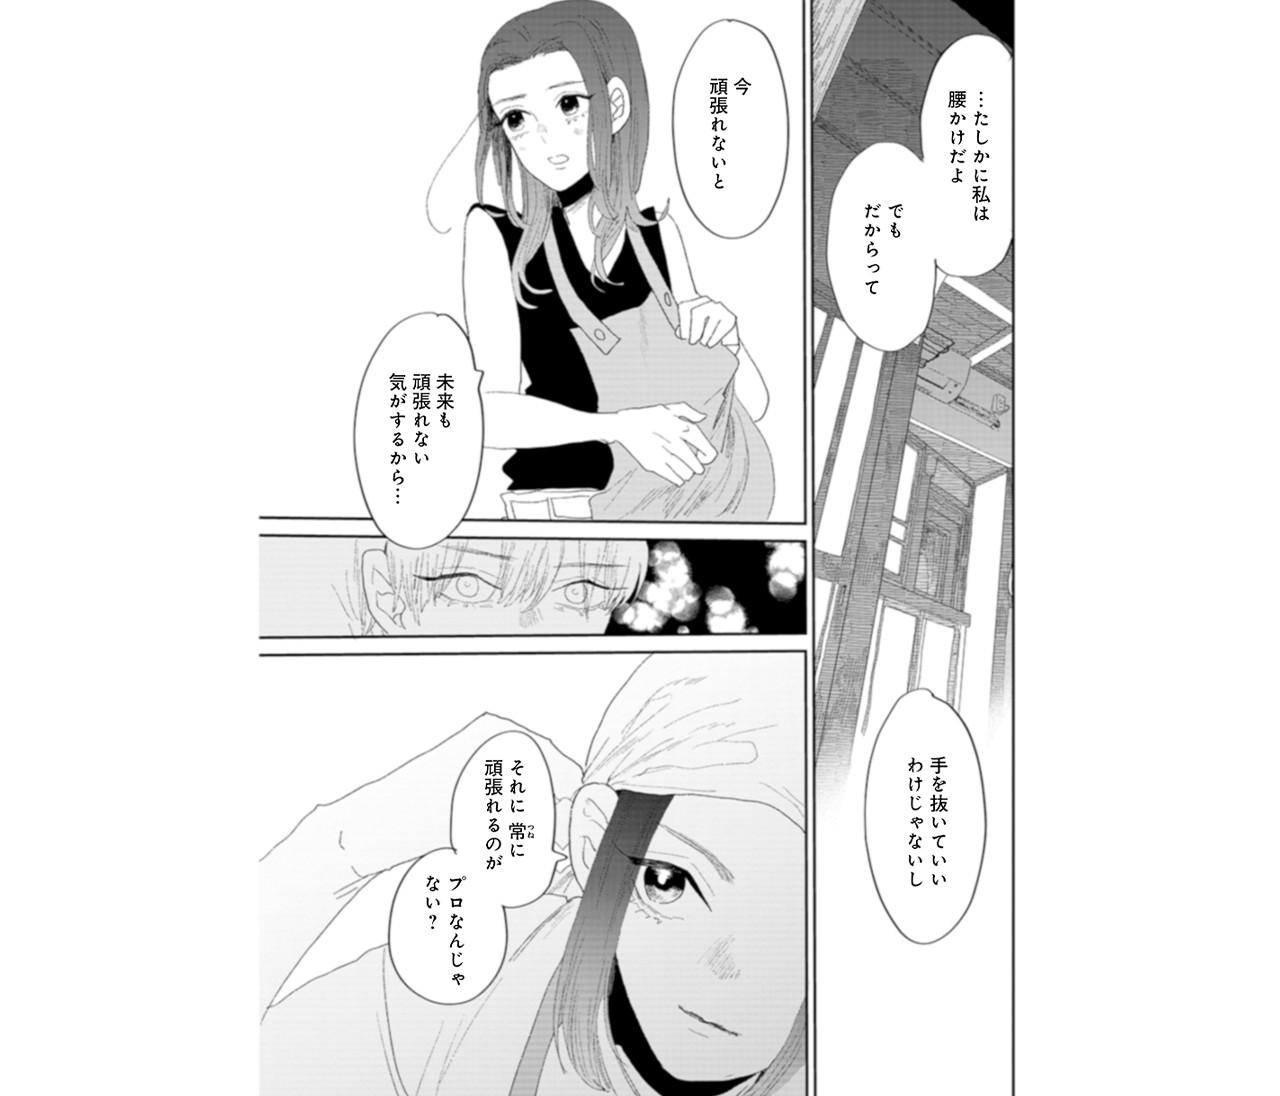 大人の胸キュン♡ストーリー『恋じゃないなら名前をつけて』をレビュー【30代女子のおすすめコミック】